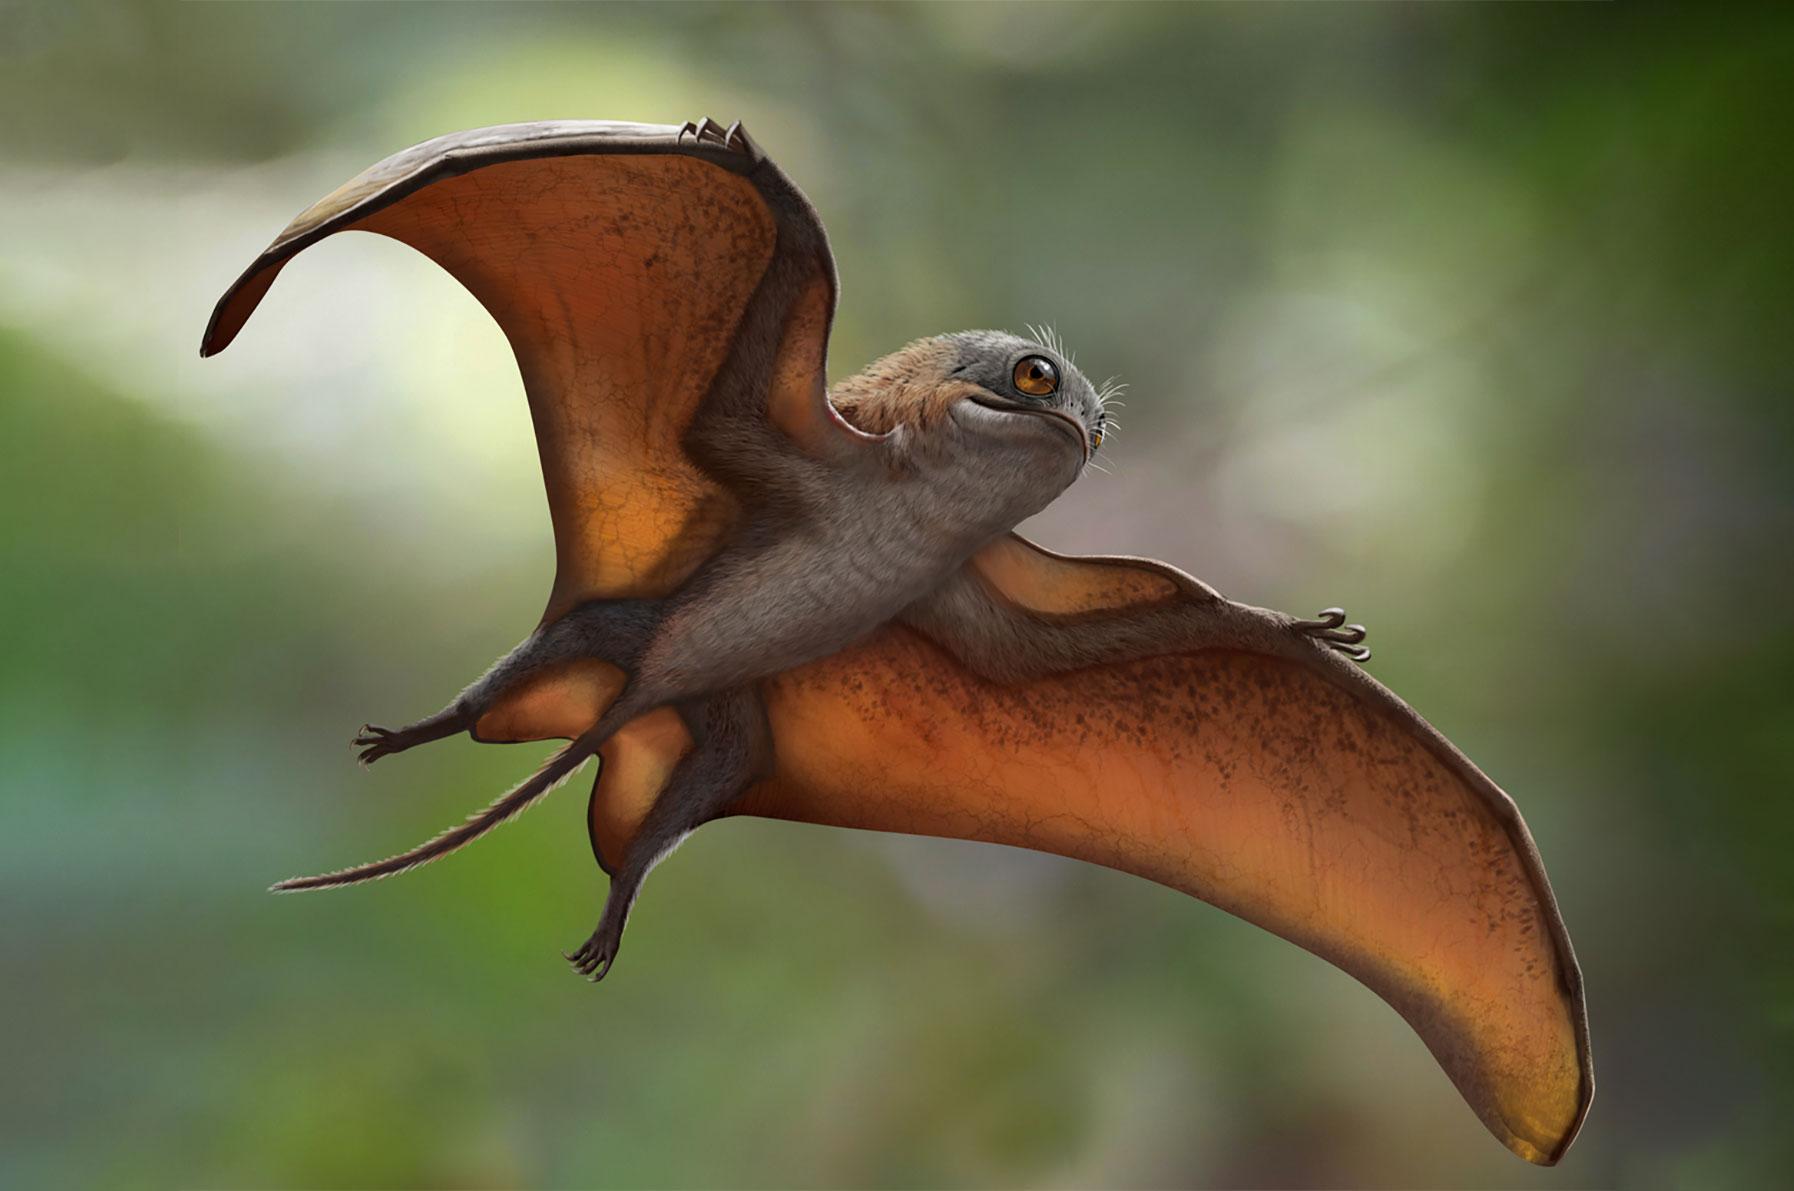 Новый вид птерозавров сравнили спокемонами и поргами из«Звёздных войн»